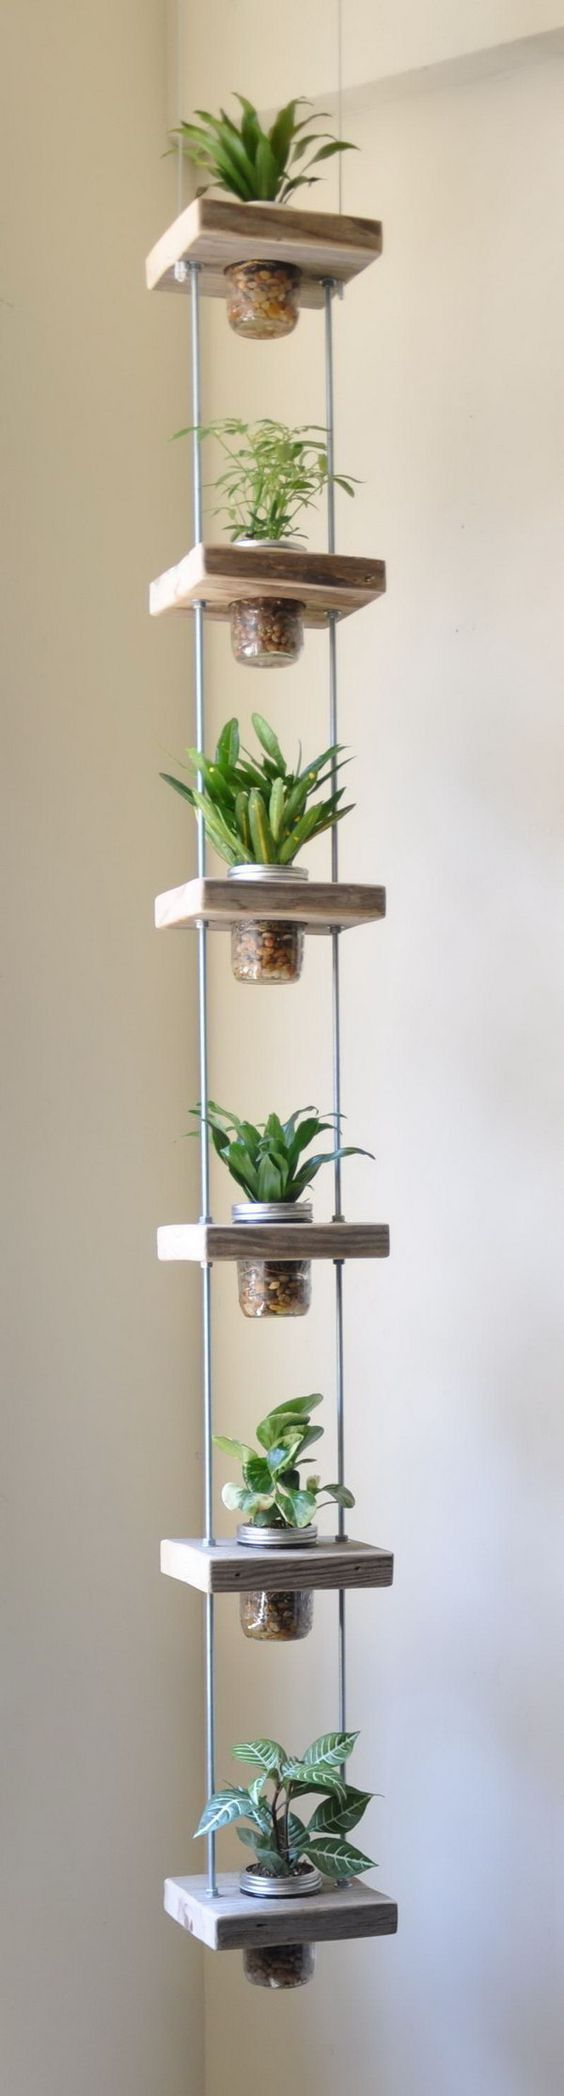 jardim-vertical-suspenso-inverno-ideias-11 Guia com 47 ideias para seu jardim vertical dicas faca-voce-mesmo-diy jardinagem madeira quintais